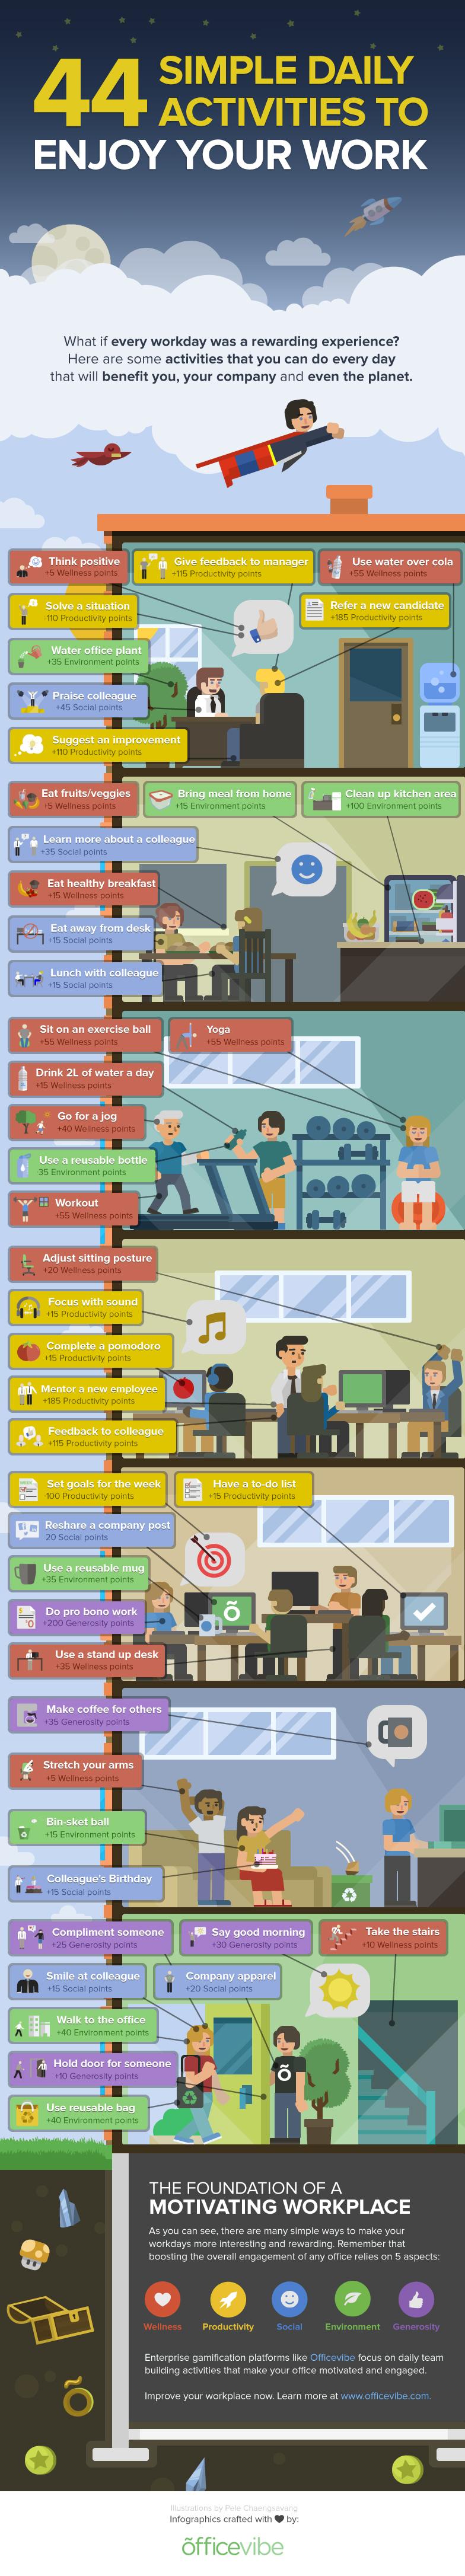 Teambuilding, Teamarbeit, Zusammenarbeit, Motivation, Führungsstil